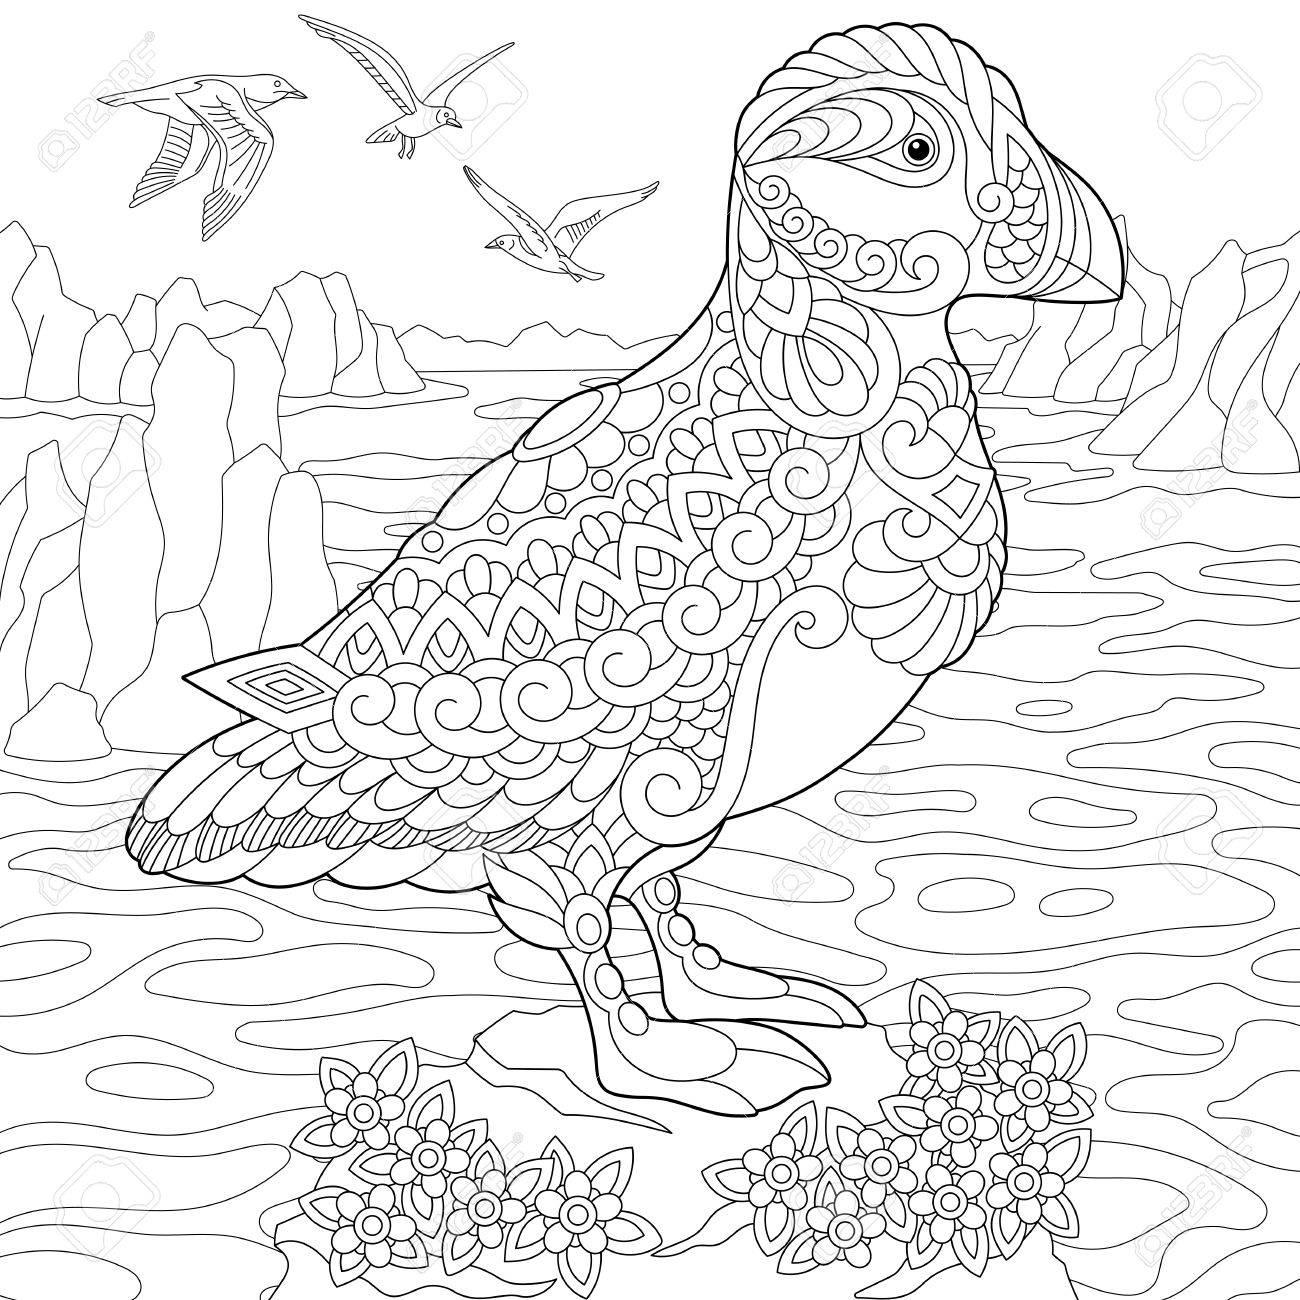 北部と北極海の海鳥ツノメドリのページのぬりえフリーハンド スケッチ